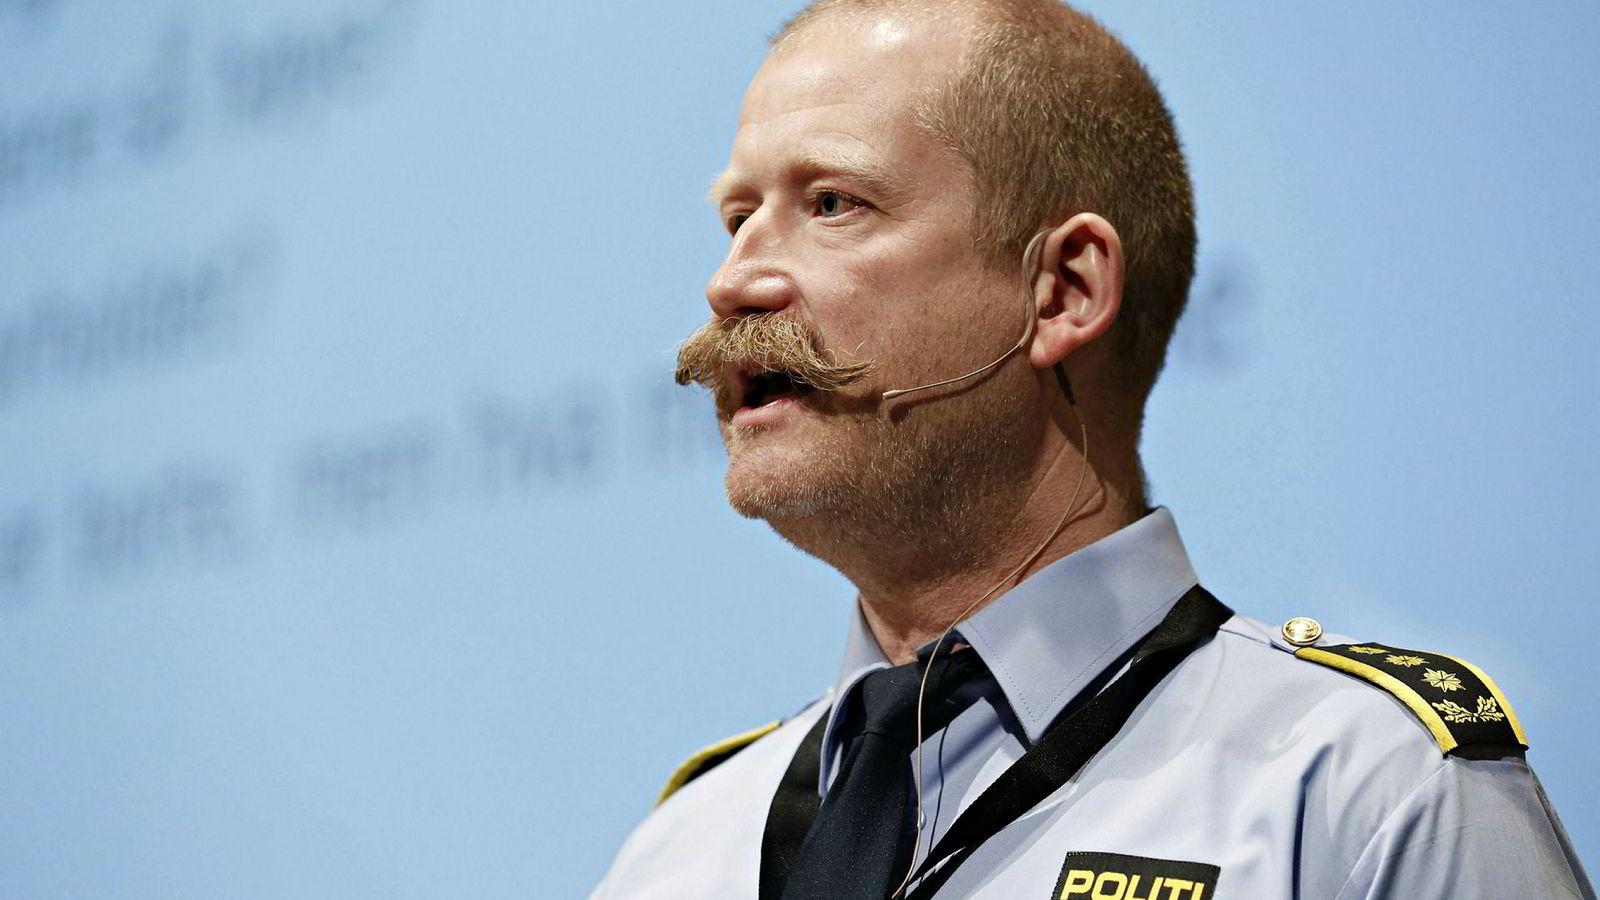 Seksjonsleder Hans-Peder Torgersen i Kripos bekrefter at det i mange saker dukker opp telefoner hvor den registrerte eier eller bruker er åpenbart fiktiv eller umulig å identifisere – og at dette er en utfordring for politiet.